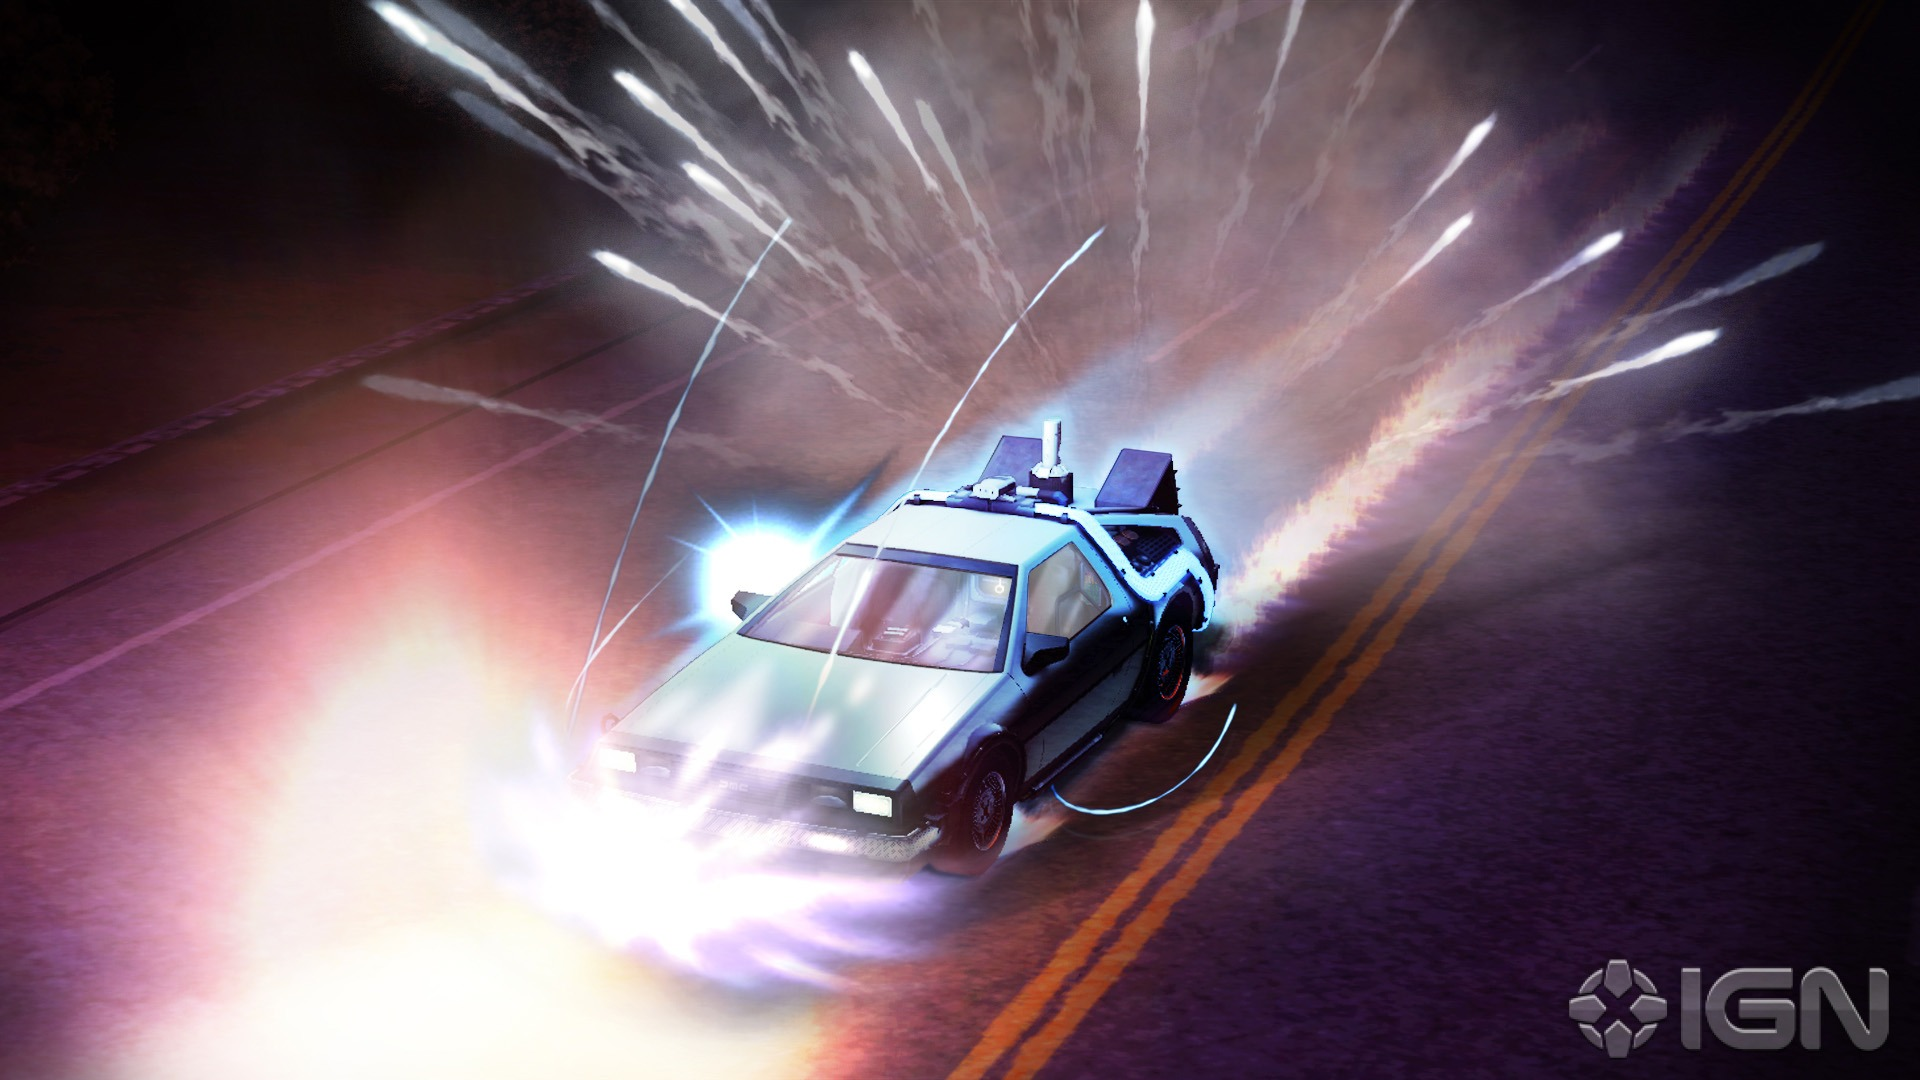 Primeras imágenes de Back to the Future el videojuego 3